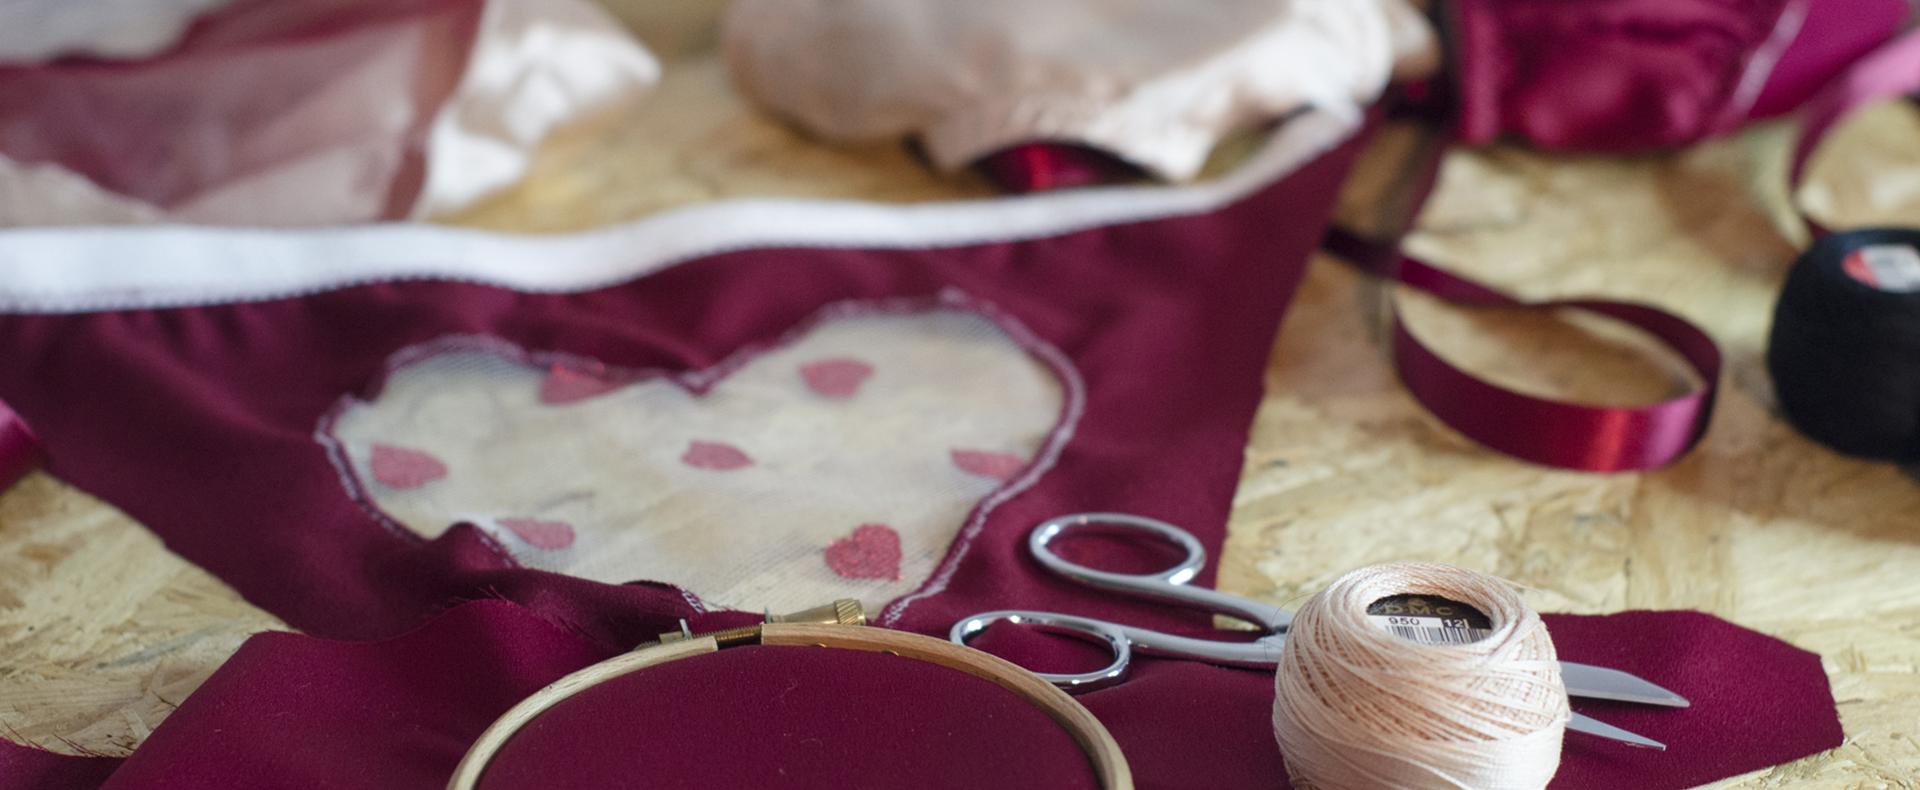 culotte bordeaux à plat avec un coeur transparent incrusté dans le dos